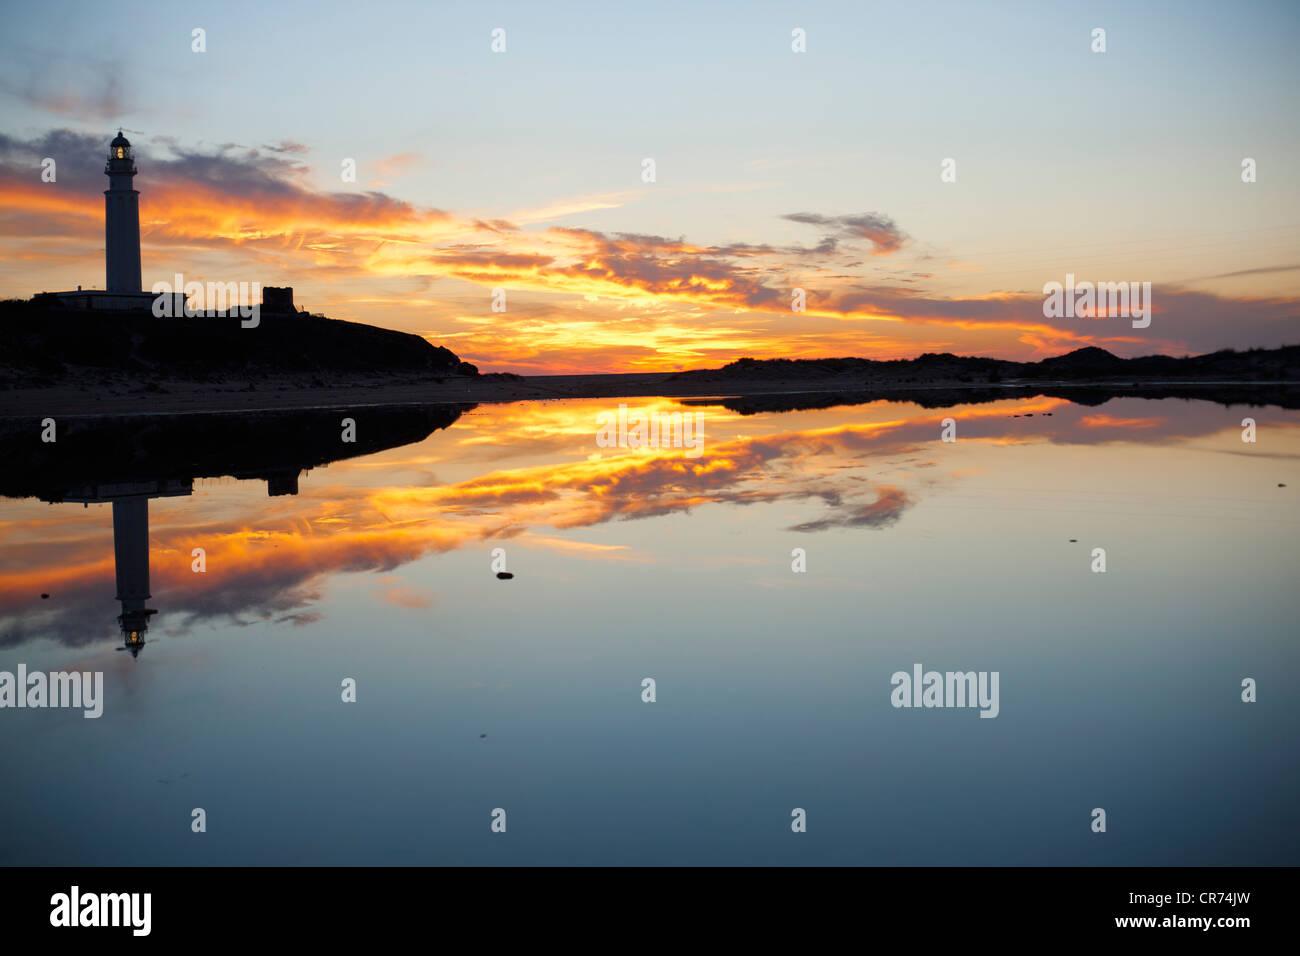 Spanien, Blick auf Leuchtturm in der Abenddämmerung Stockbild